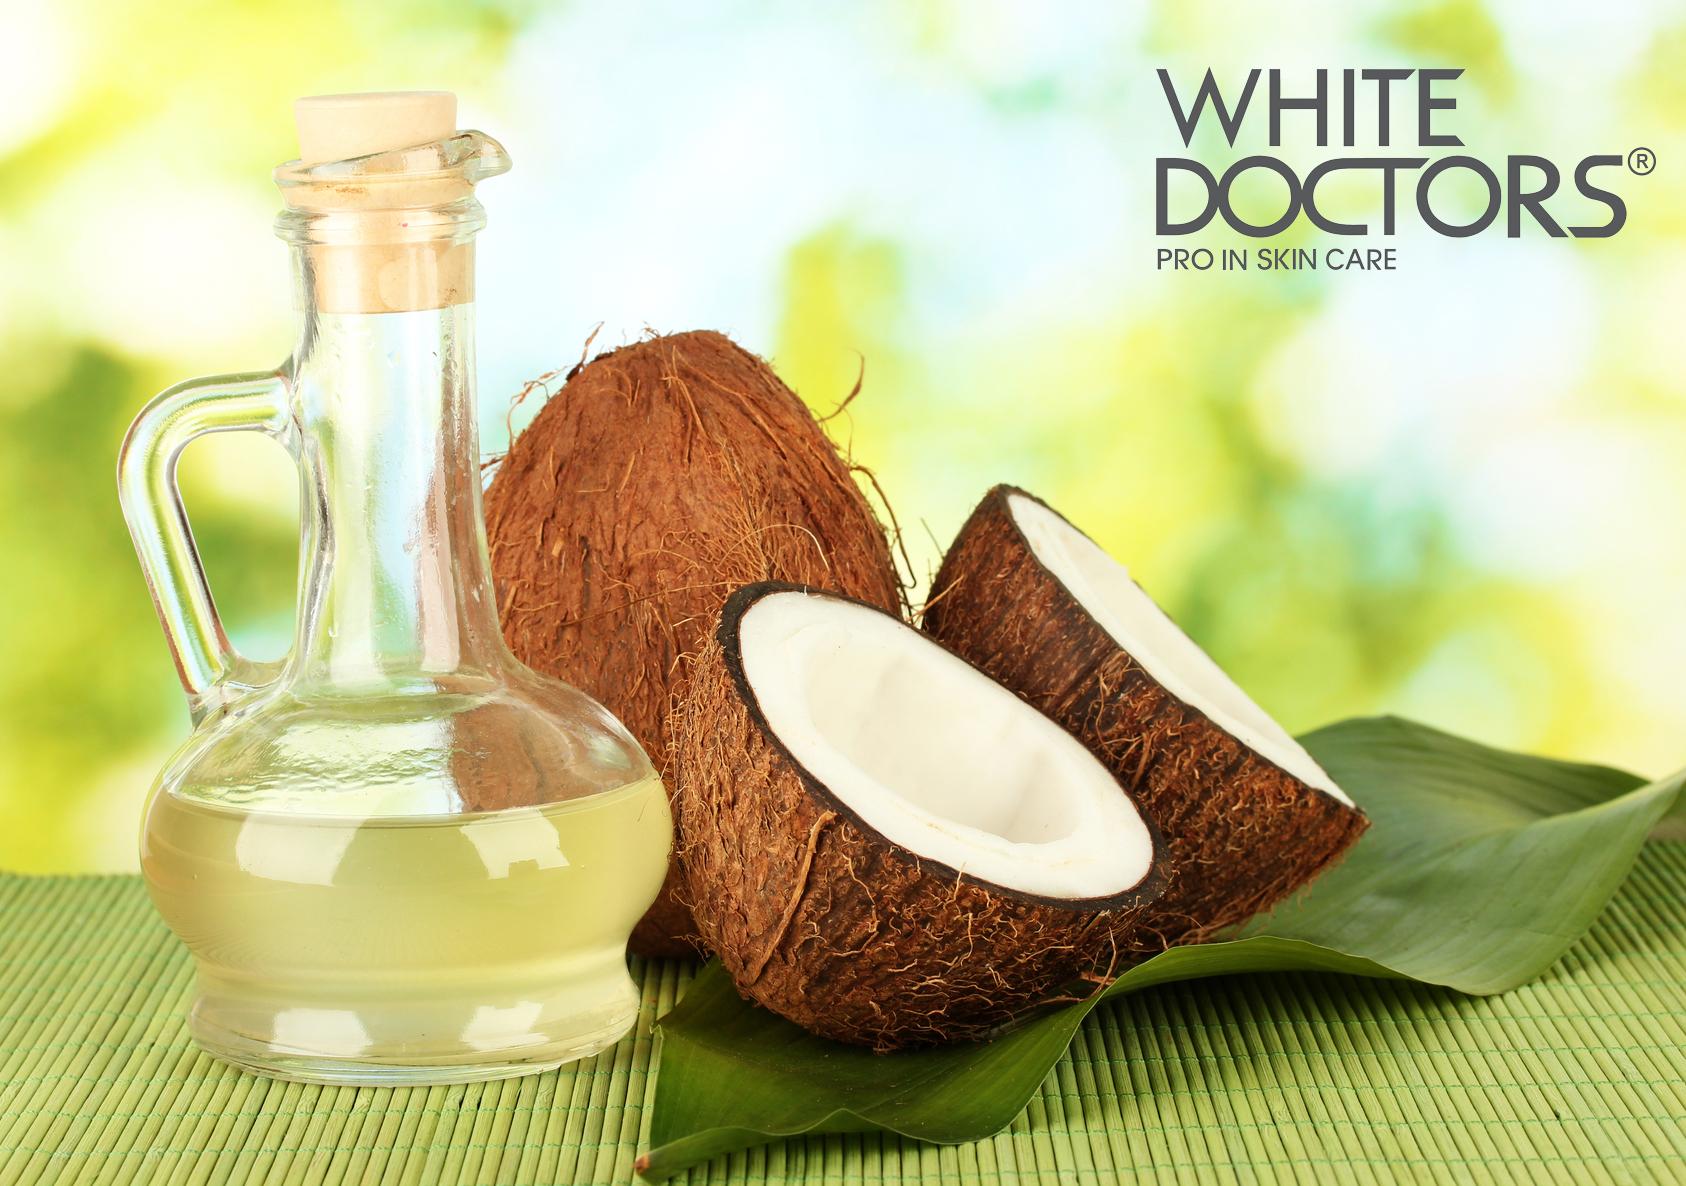 Kem điều trị mụn hiệu quả nhất từ dầu dừa cho ngày hè nóng bức